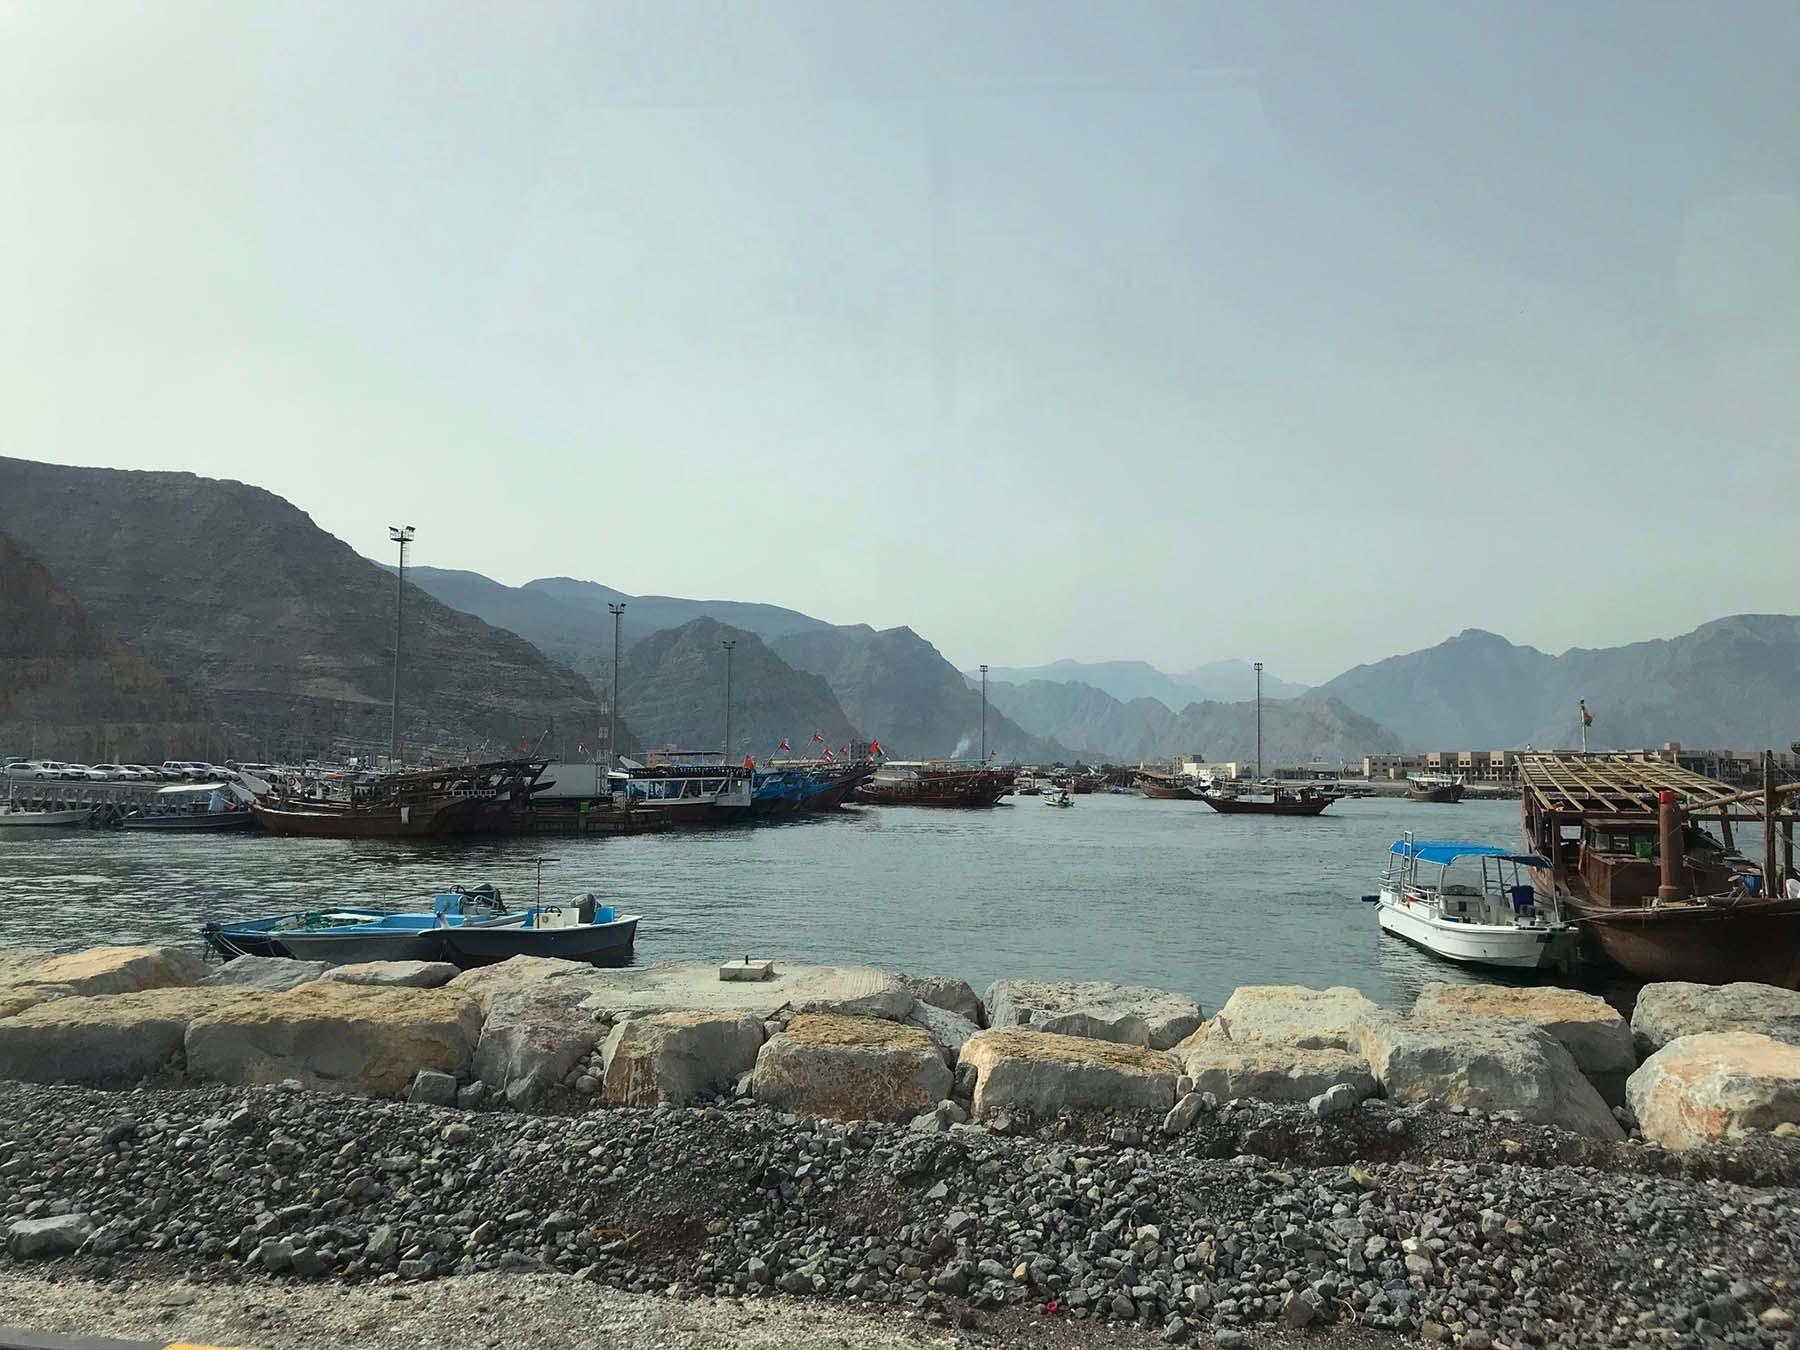 Porto de Khasab, Omã na Península Arábica